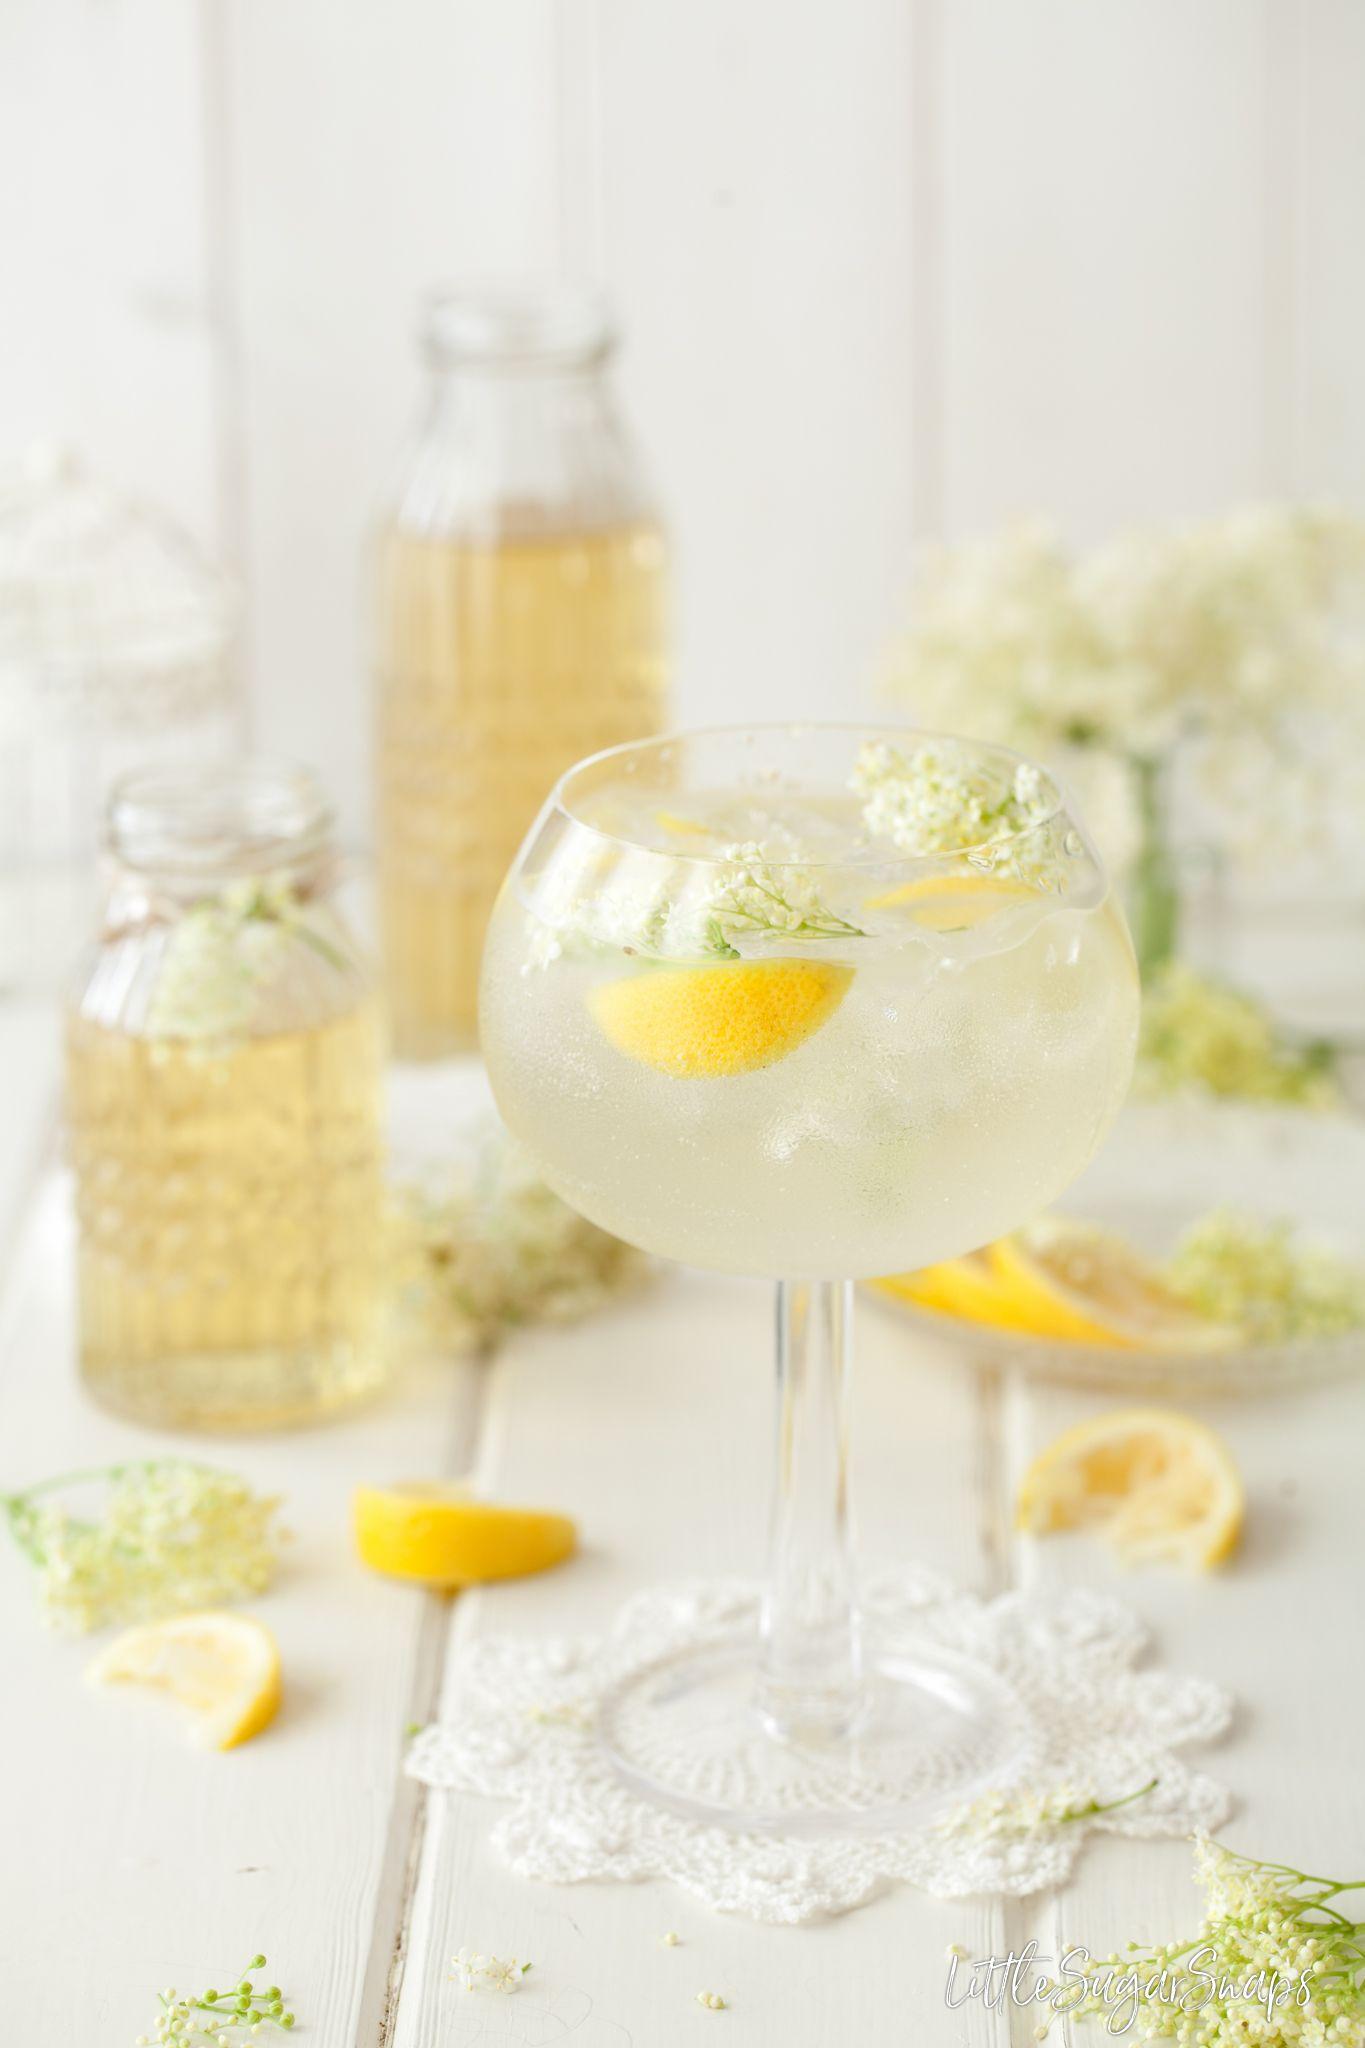 Summer Gin and Tonic with Elderflower & Lemon